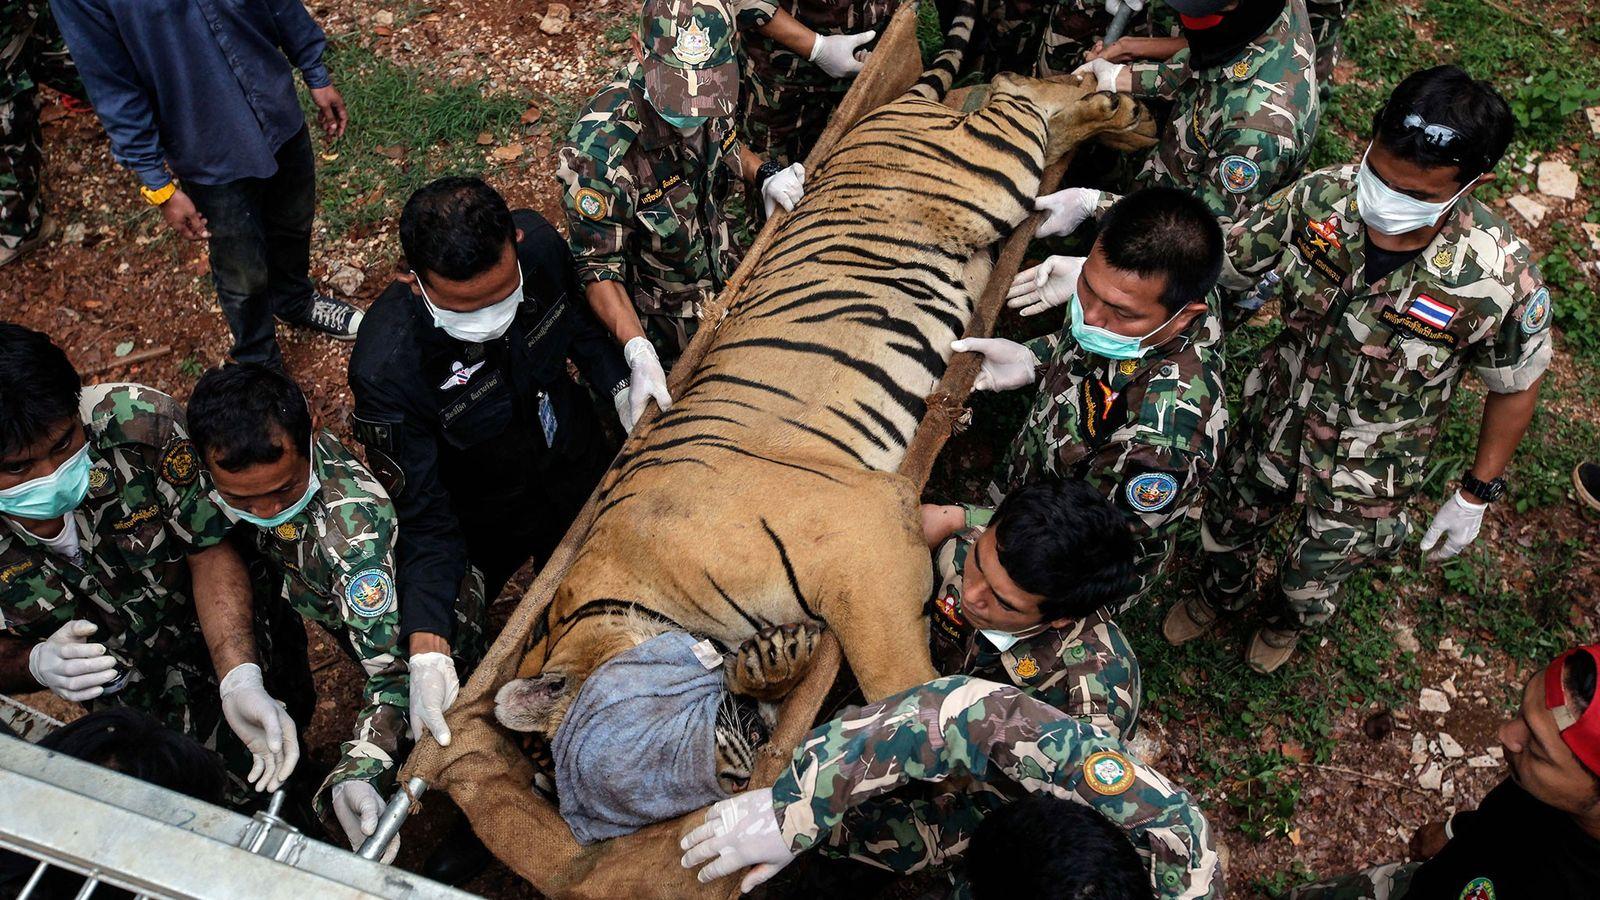 Em 2016, foram apreendidos 147 tigres numa operação do governo tailandês, no Templo do Tigre, na ...